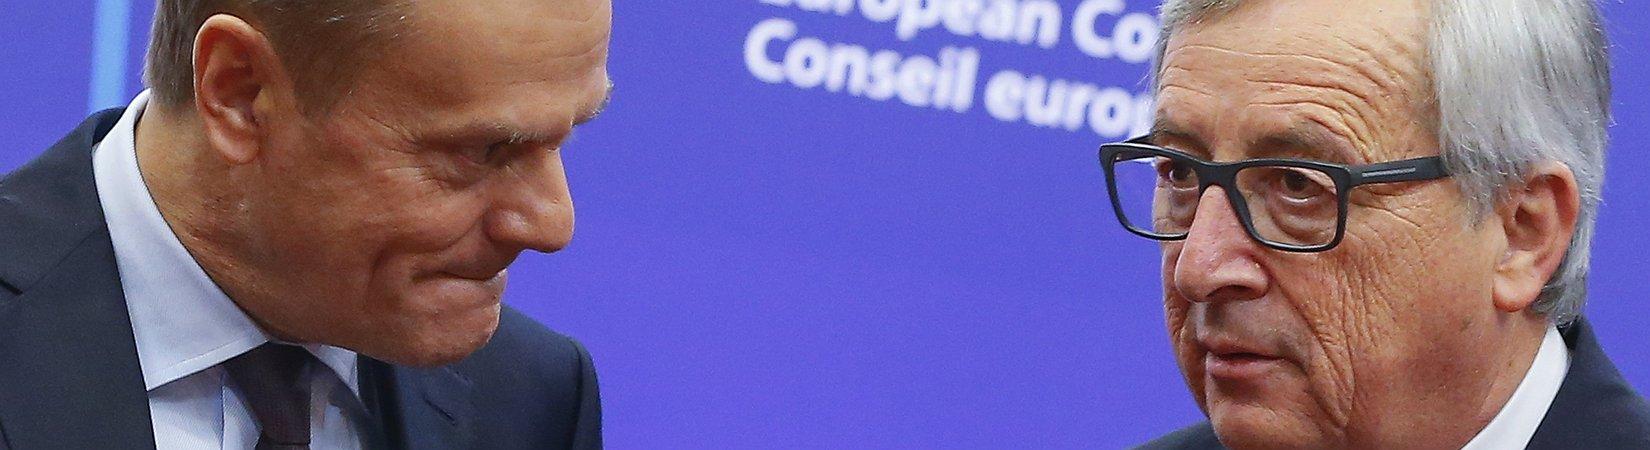 La Unión Europea ofrece negociaciones comerciales al Reino Unido previas al Brexit